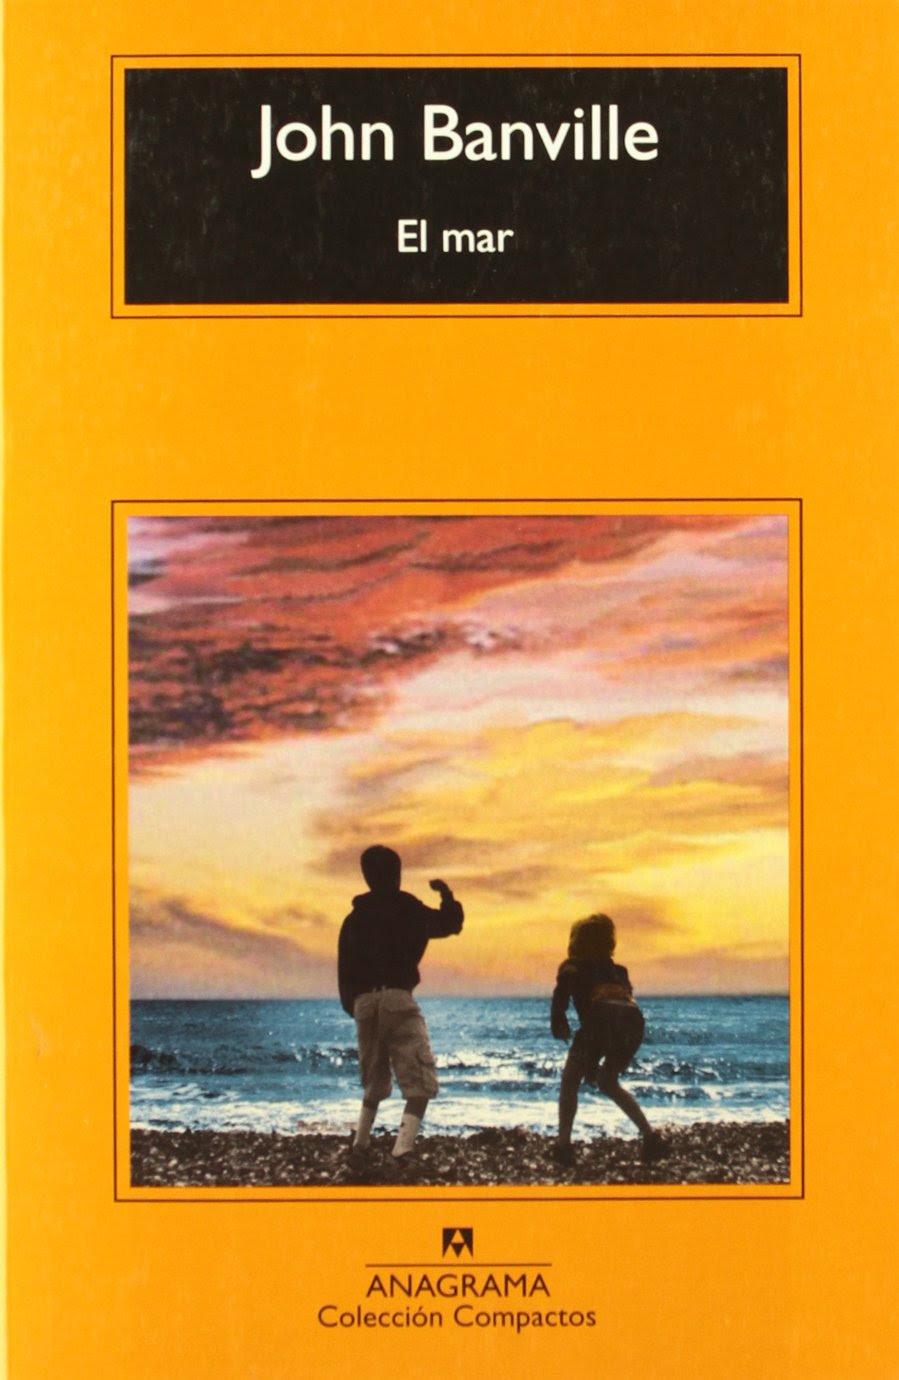 El mar, John Banville